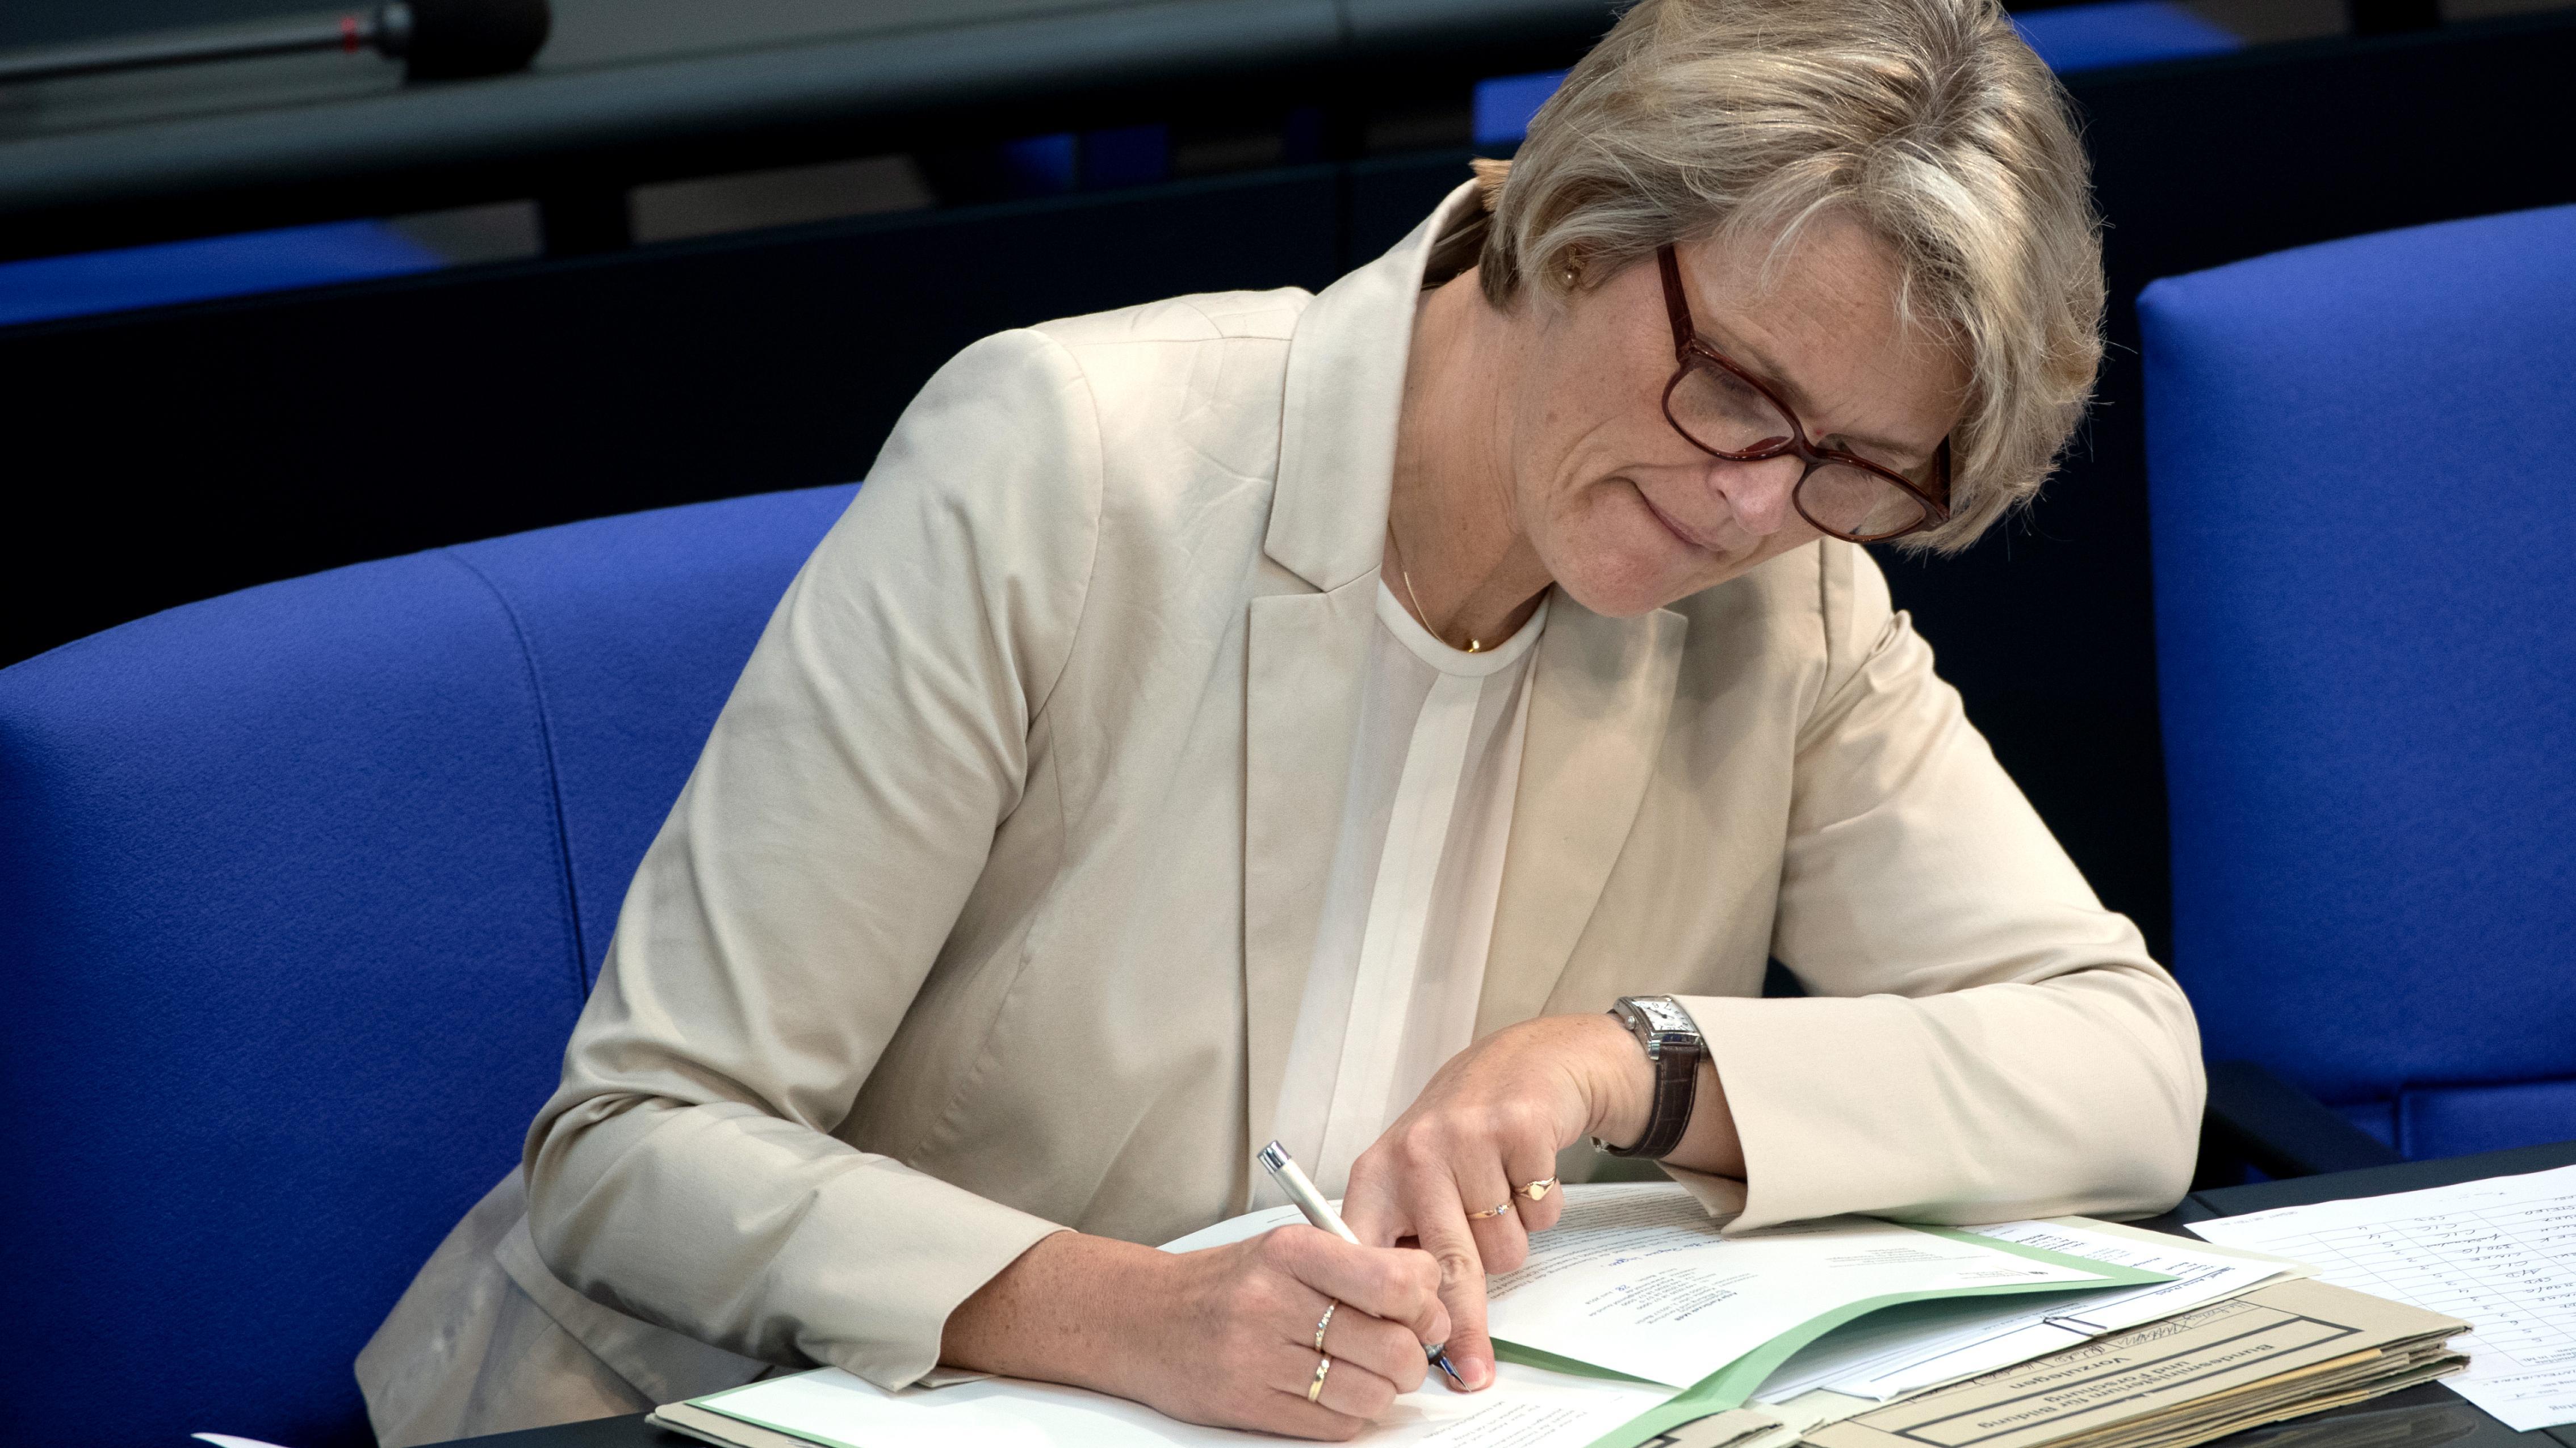 Die Bundesministerin für Bildung und Forschung, Anja Karliczek (CDU), macht sich Notizen.